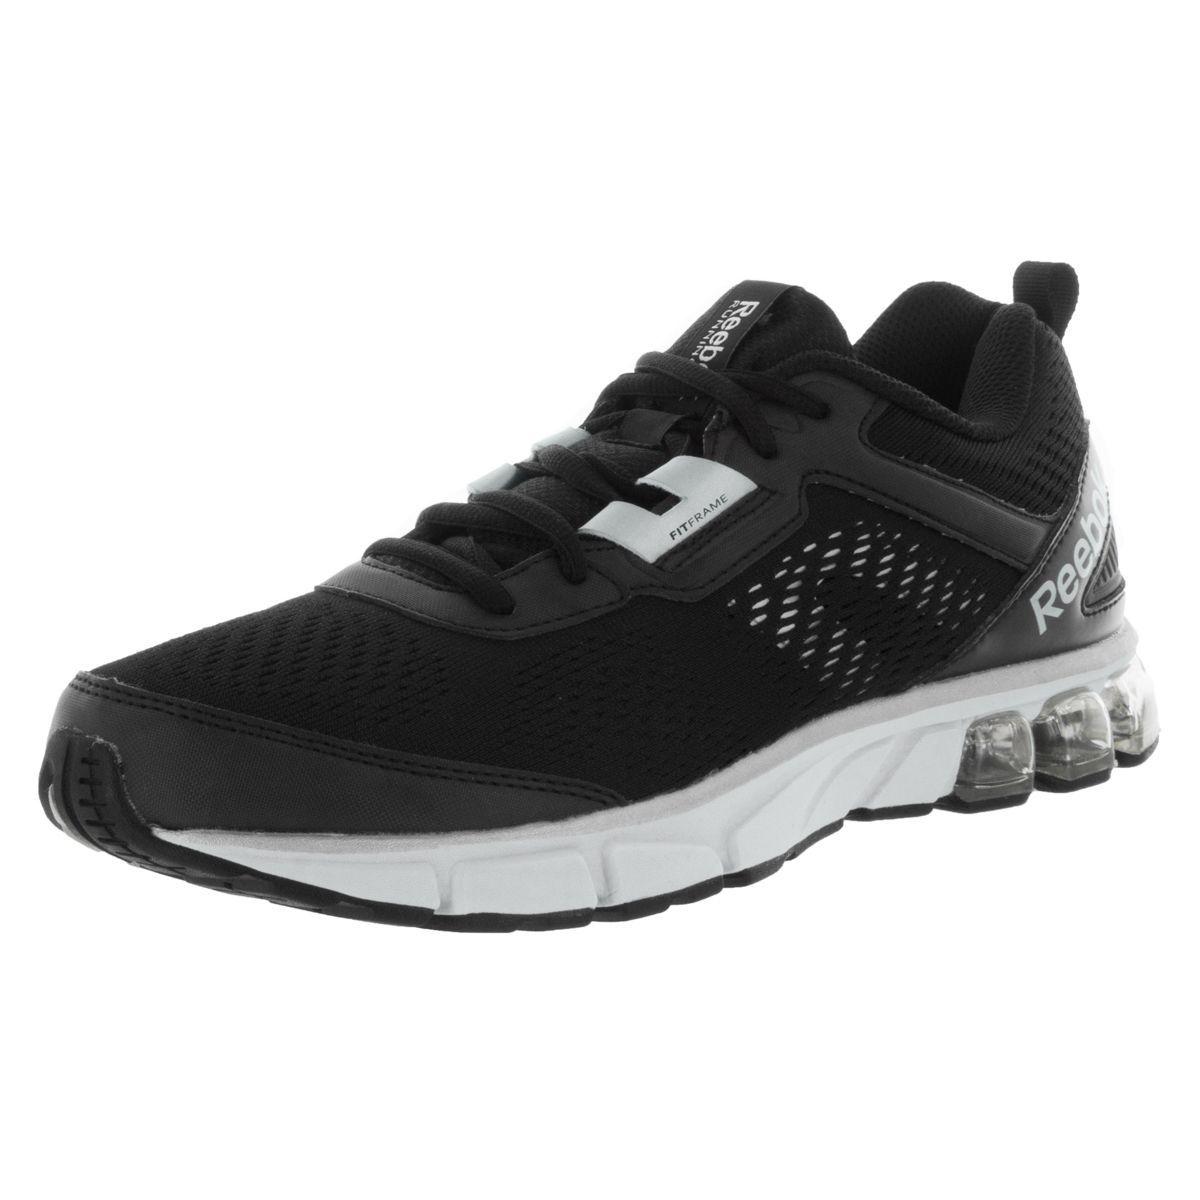 Reebok Men's Jet Dashride -over-white Running Shoe